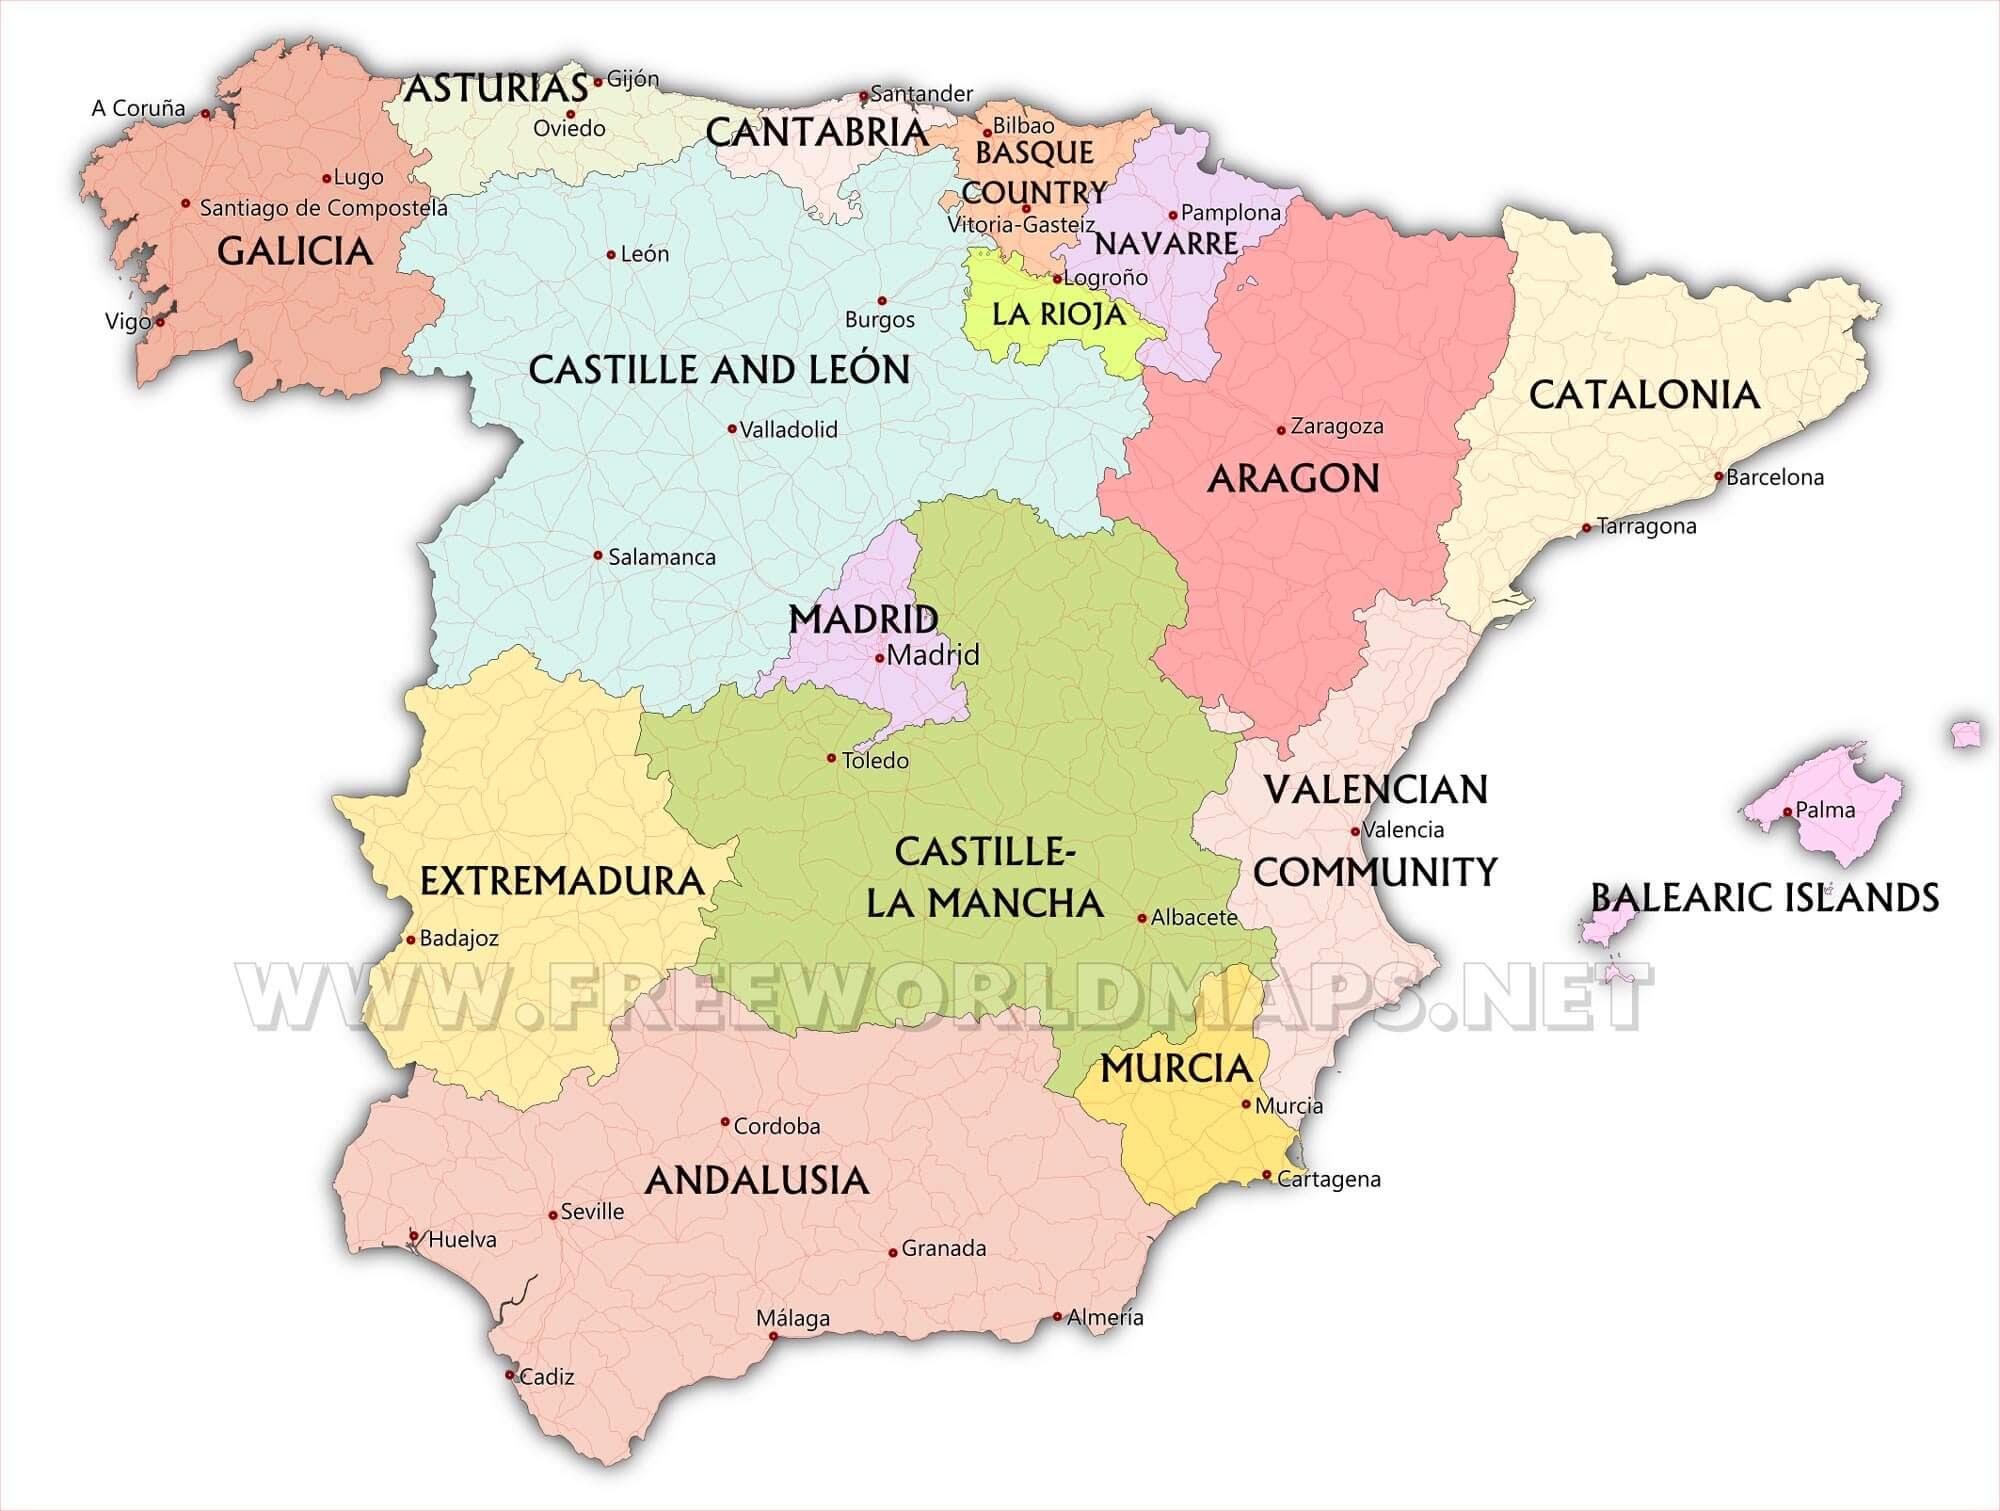 Spain Maps By Freeworldmaps Net